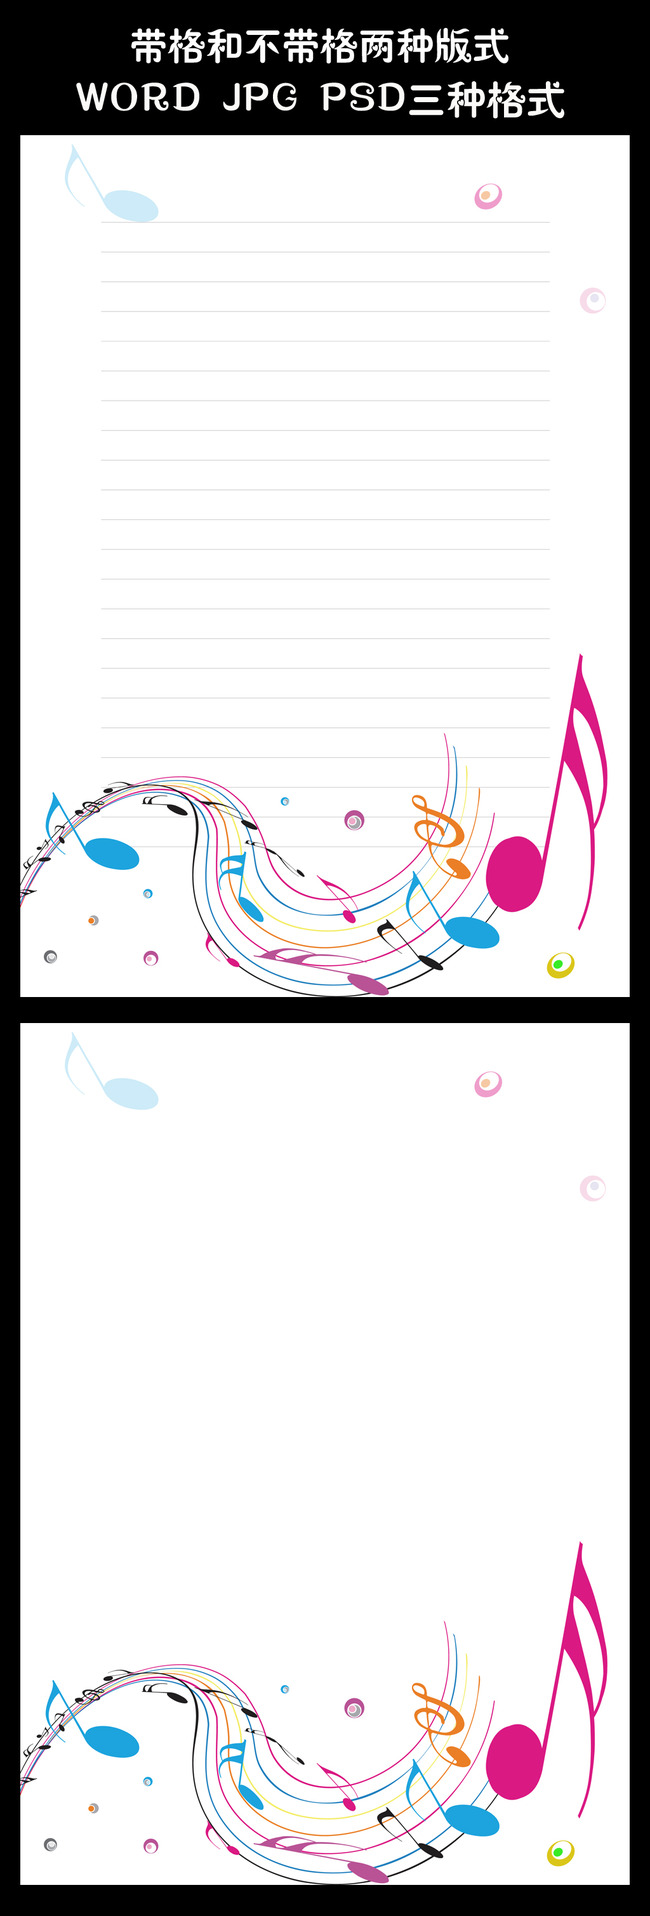 信纸底纹 信纸素材 情侣信纸背景 商务 校园 机关 通用 音符 音乐